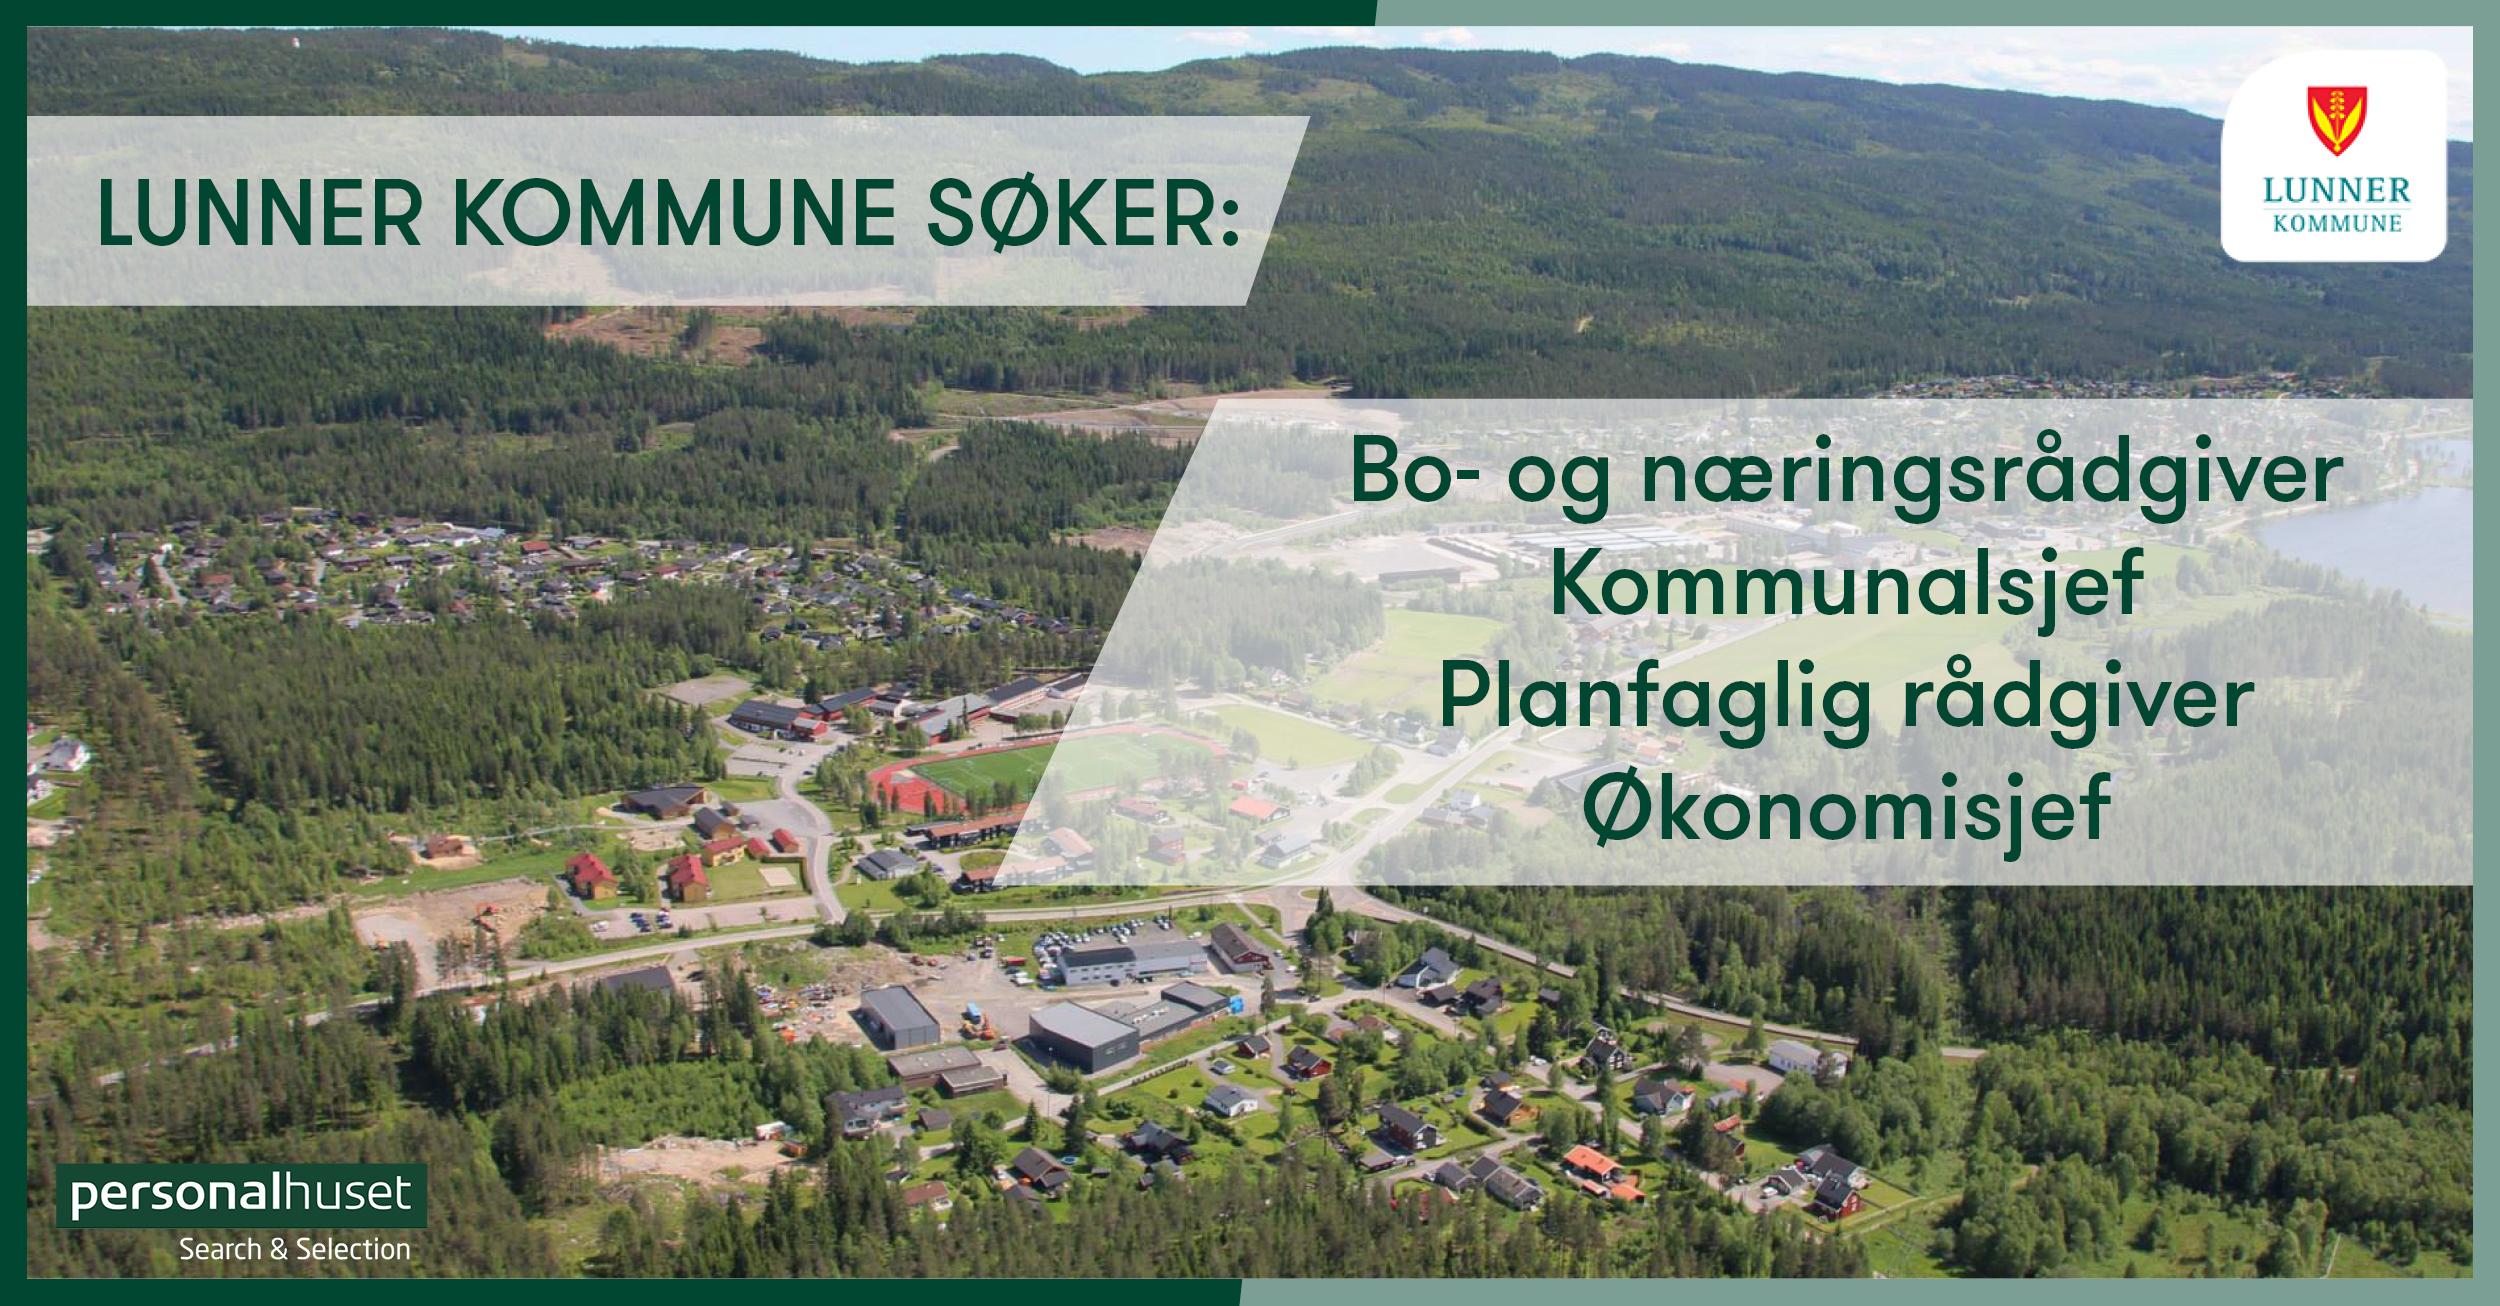 Ledige stillinger i Lunner kommune via Personalhuset